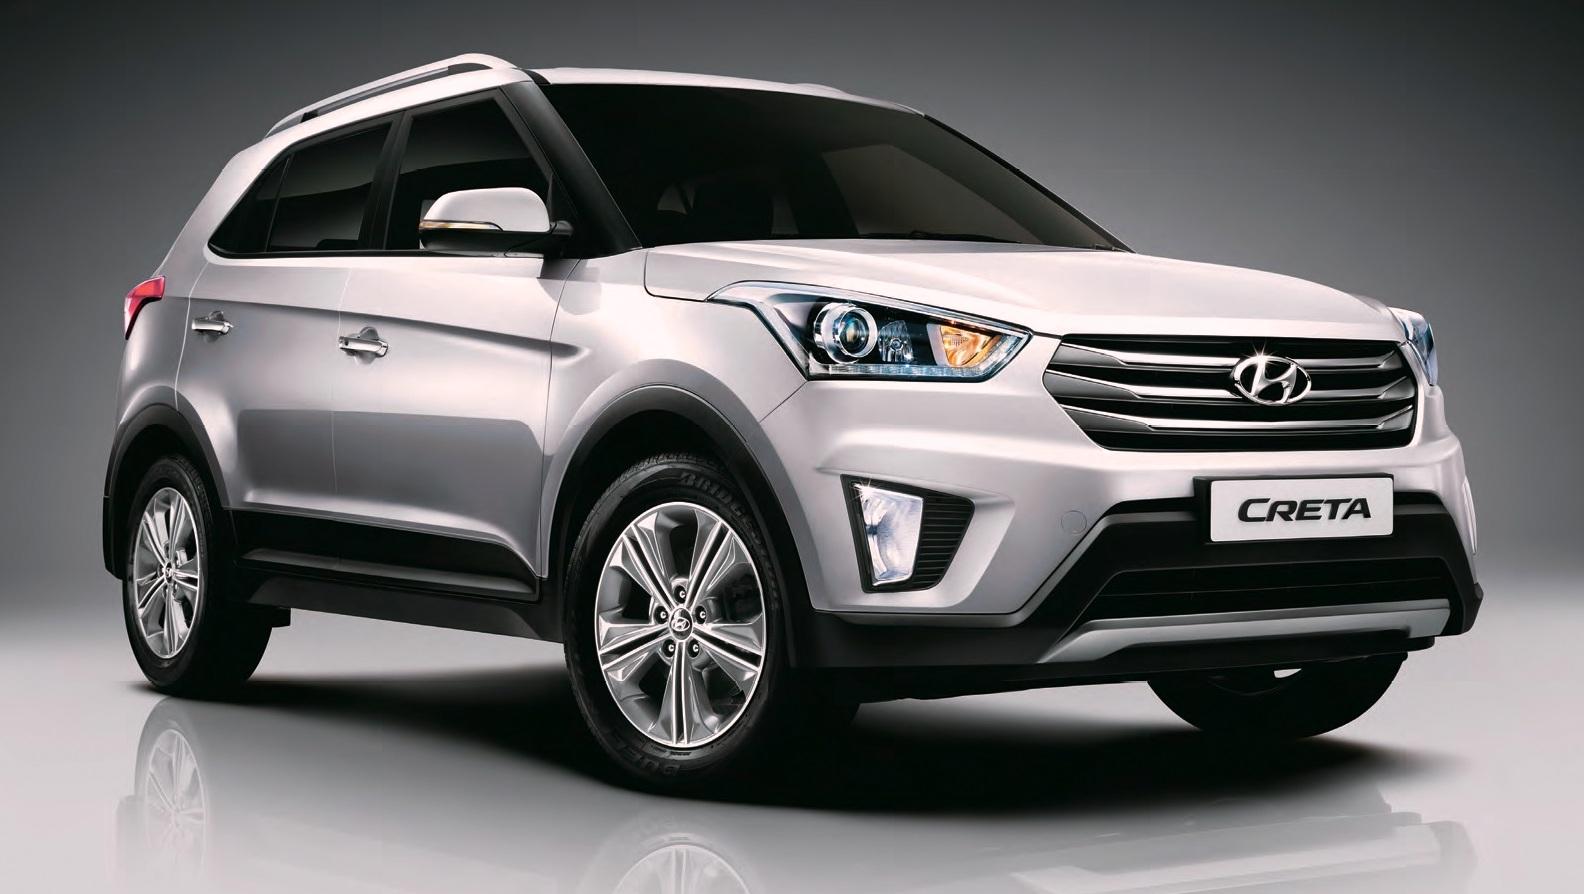 Неожиданные факты о новом кроссовере Hyundai Creta 1